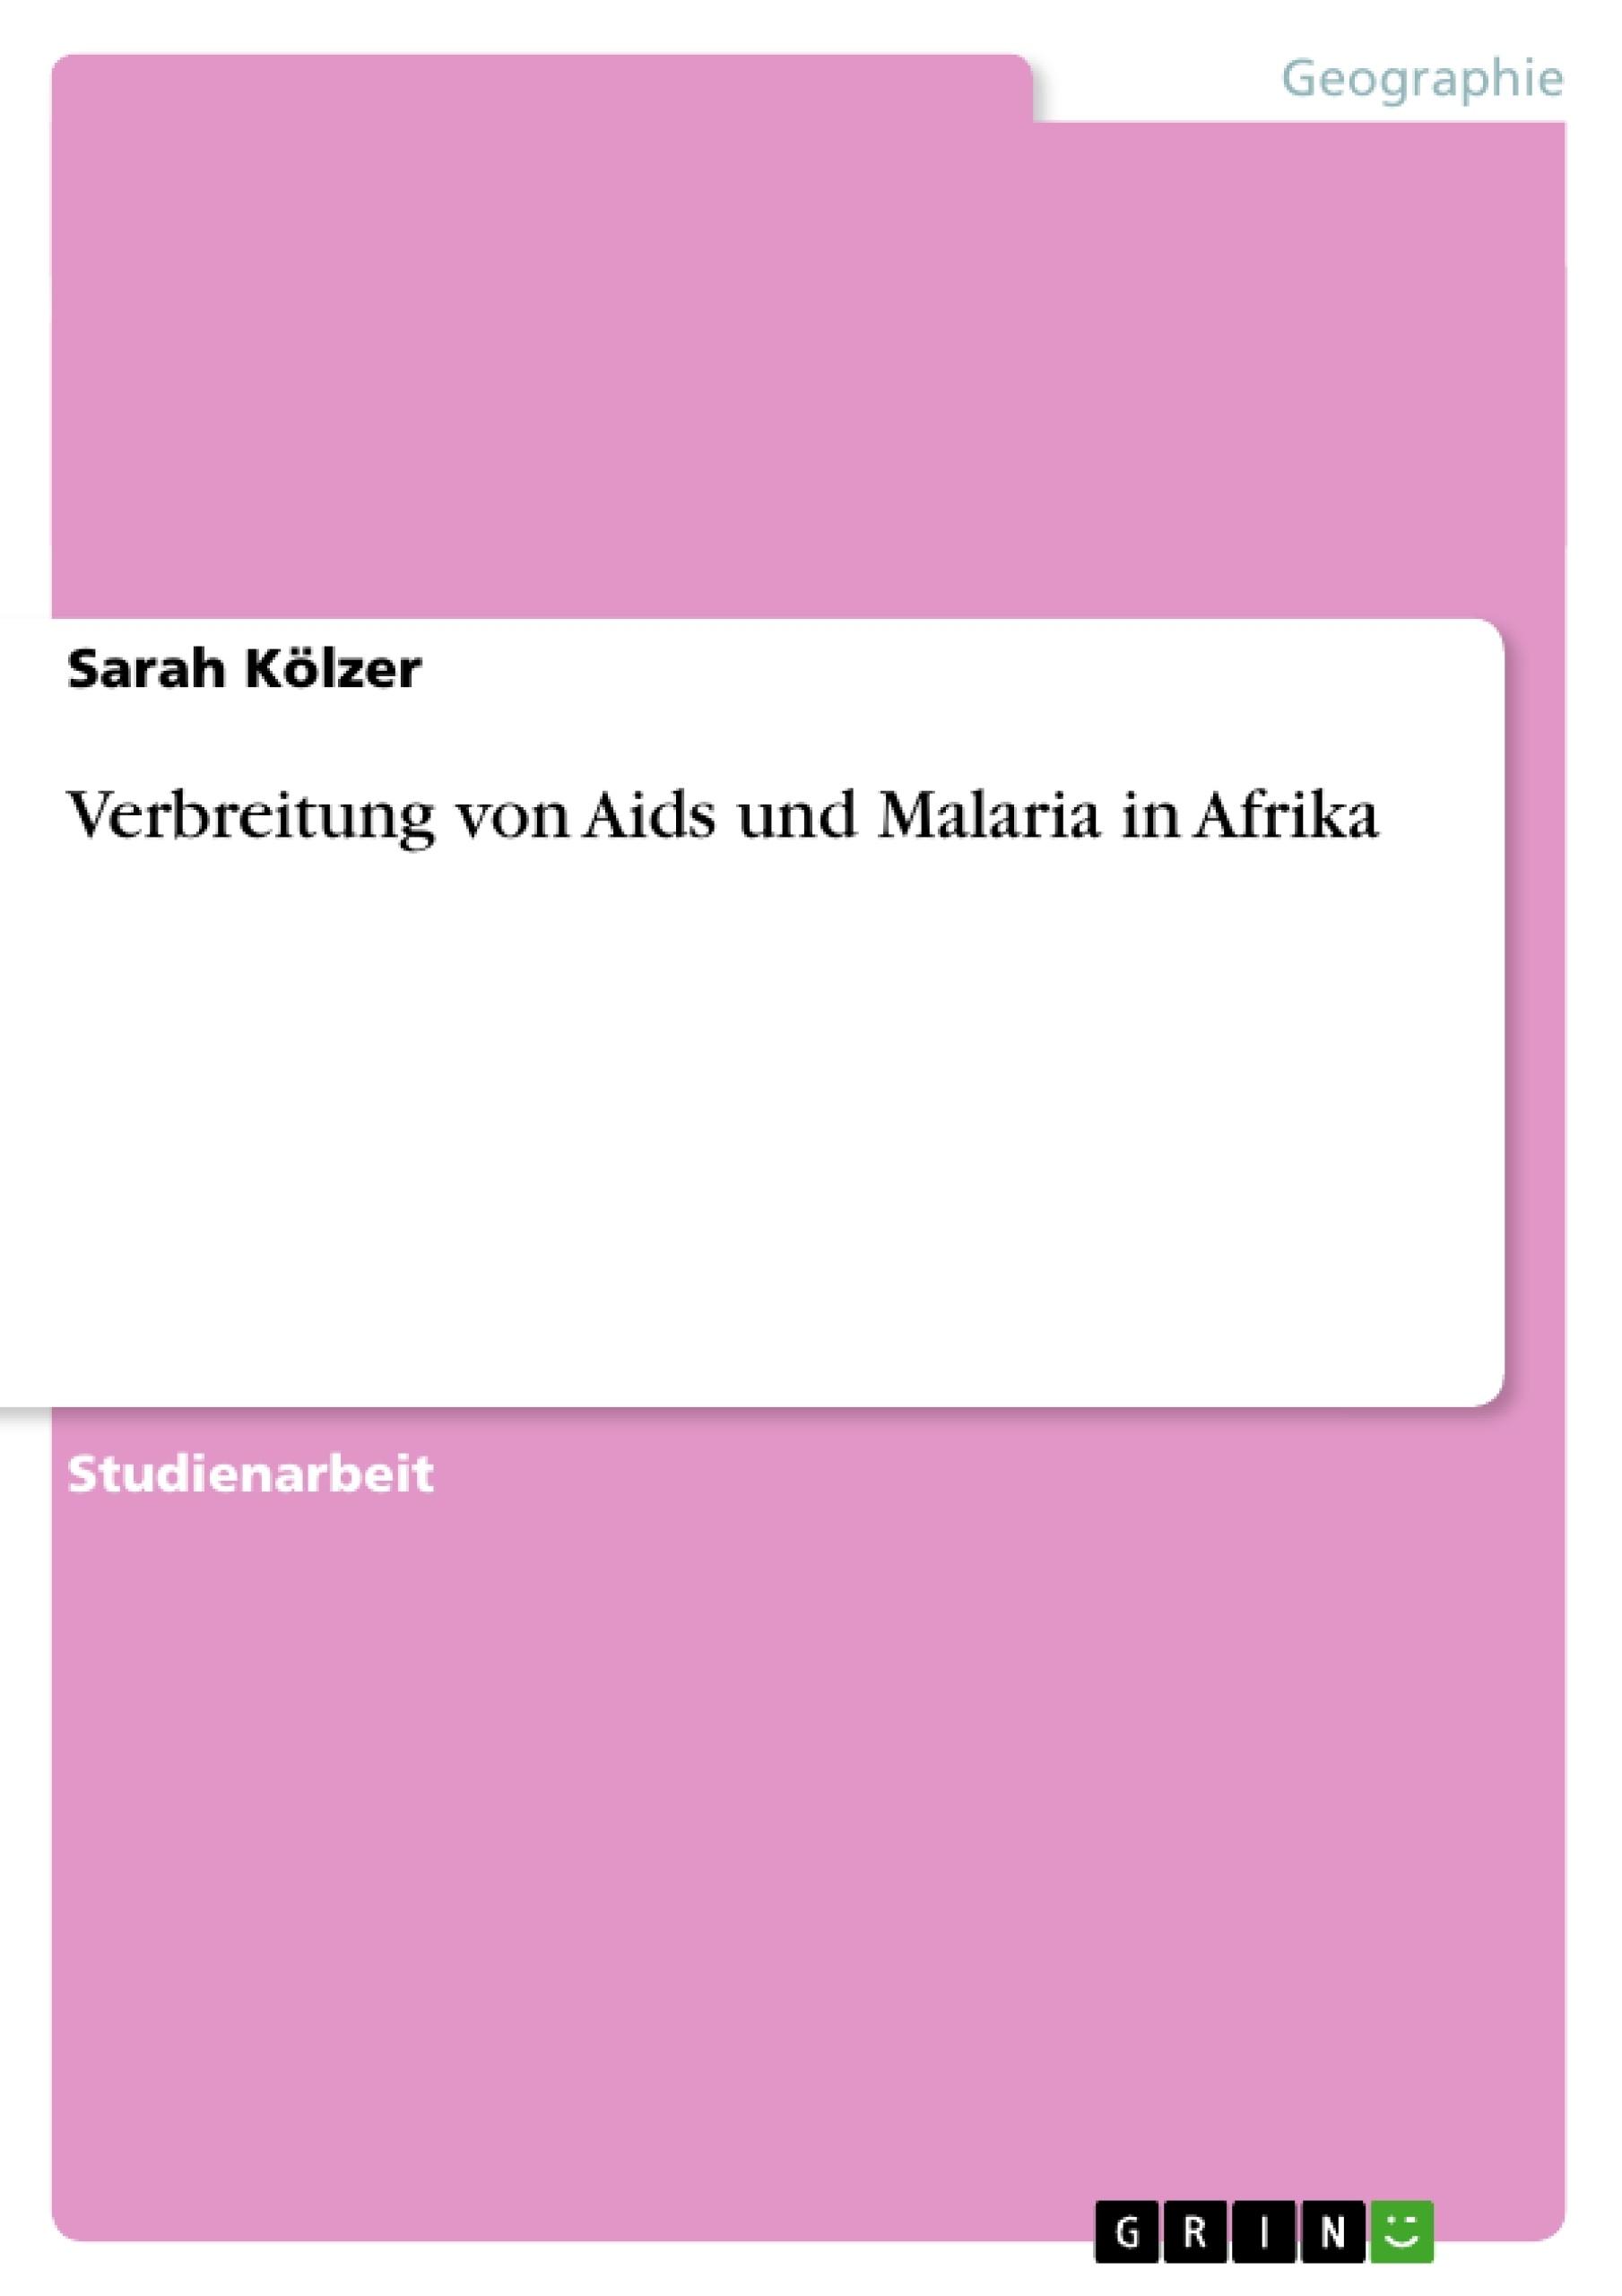 Titel: Verbreitung von Aids und Malaria in Afrika